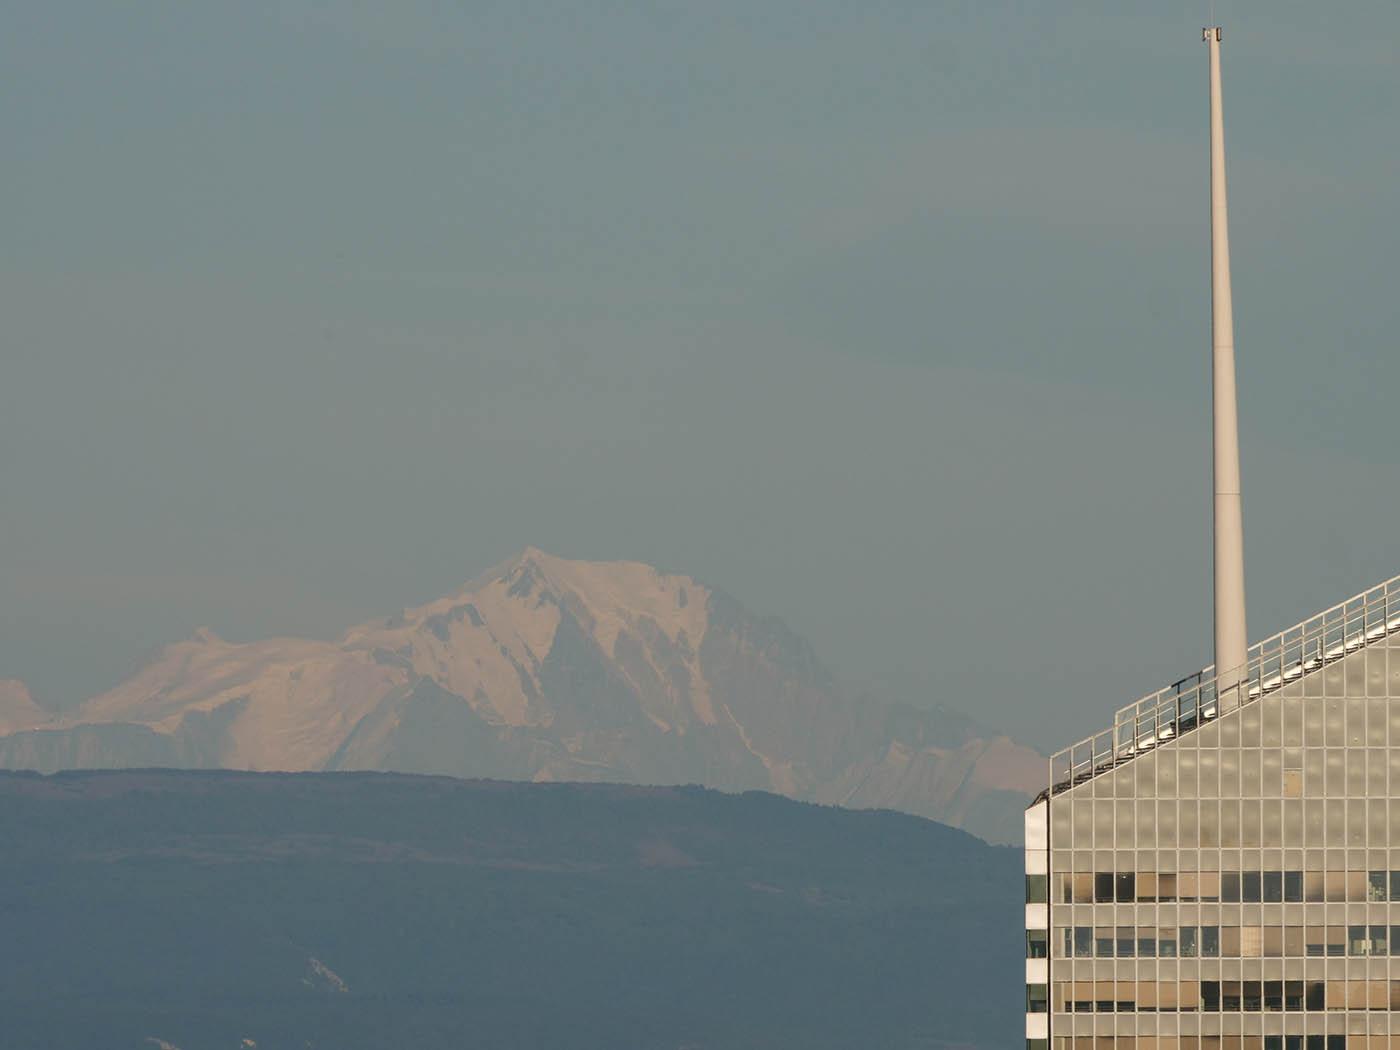 Photo du Mont-Blanc prise depuis Fourviere à Lyon avec le Panasonic Leica 100-400 mm